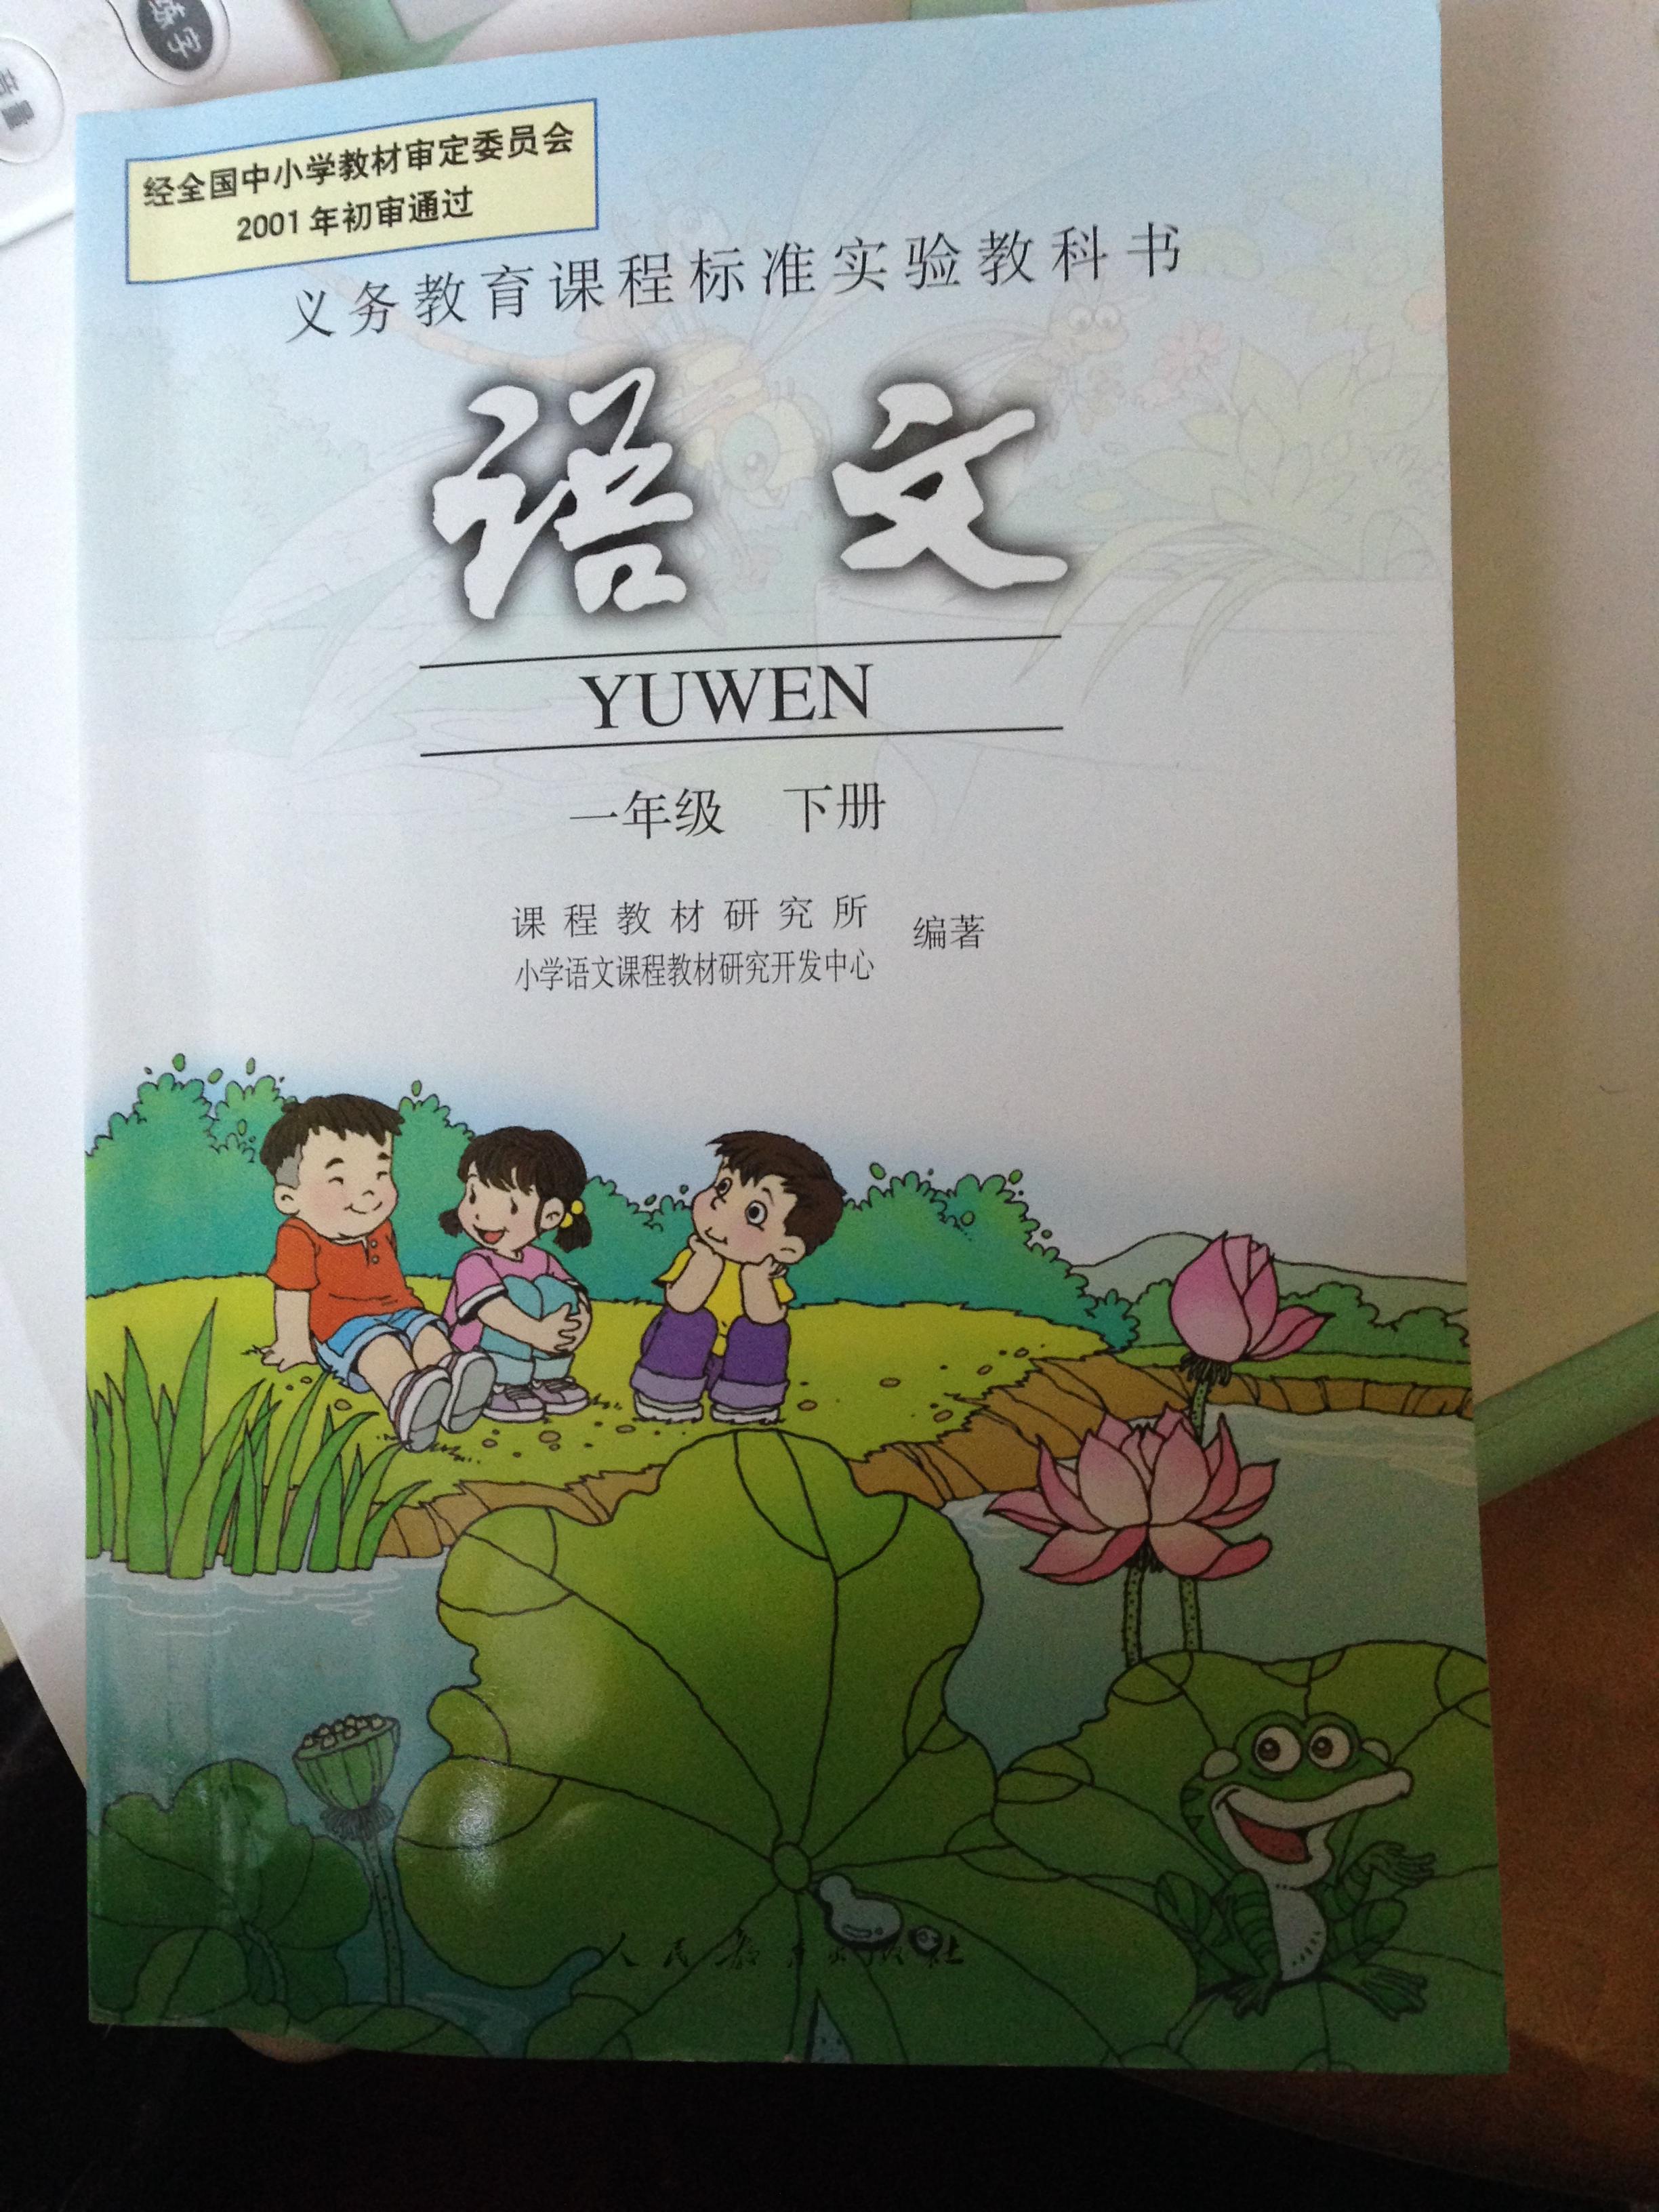 哪里有小学一年级下册语文课本卖